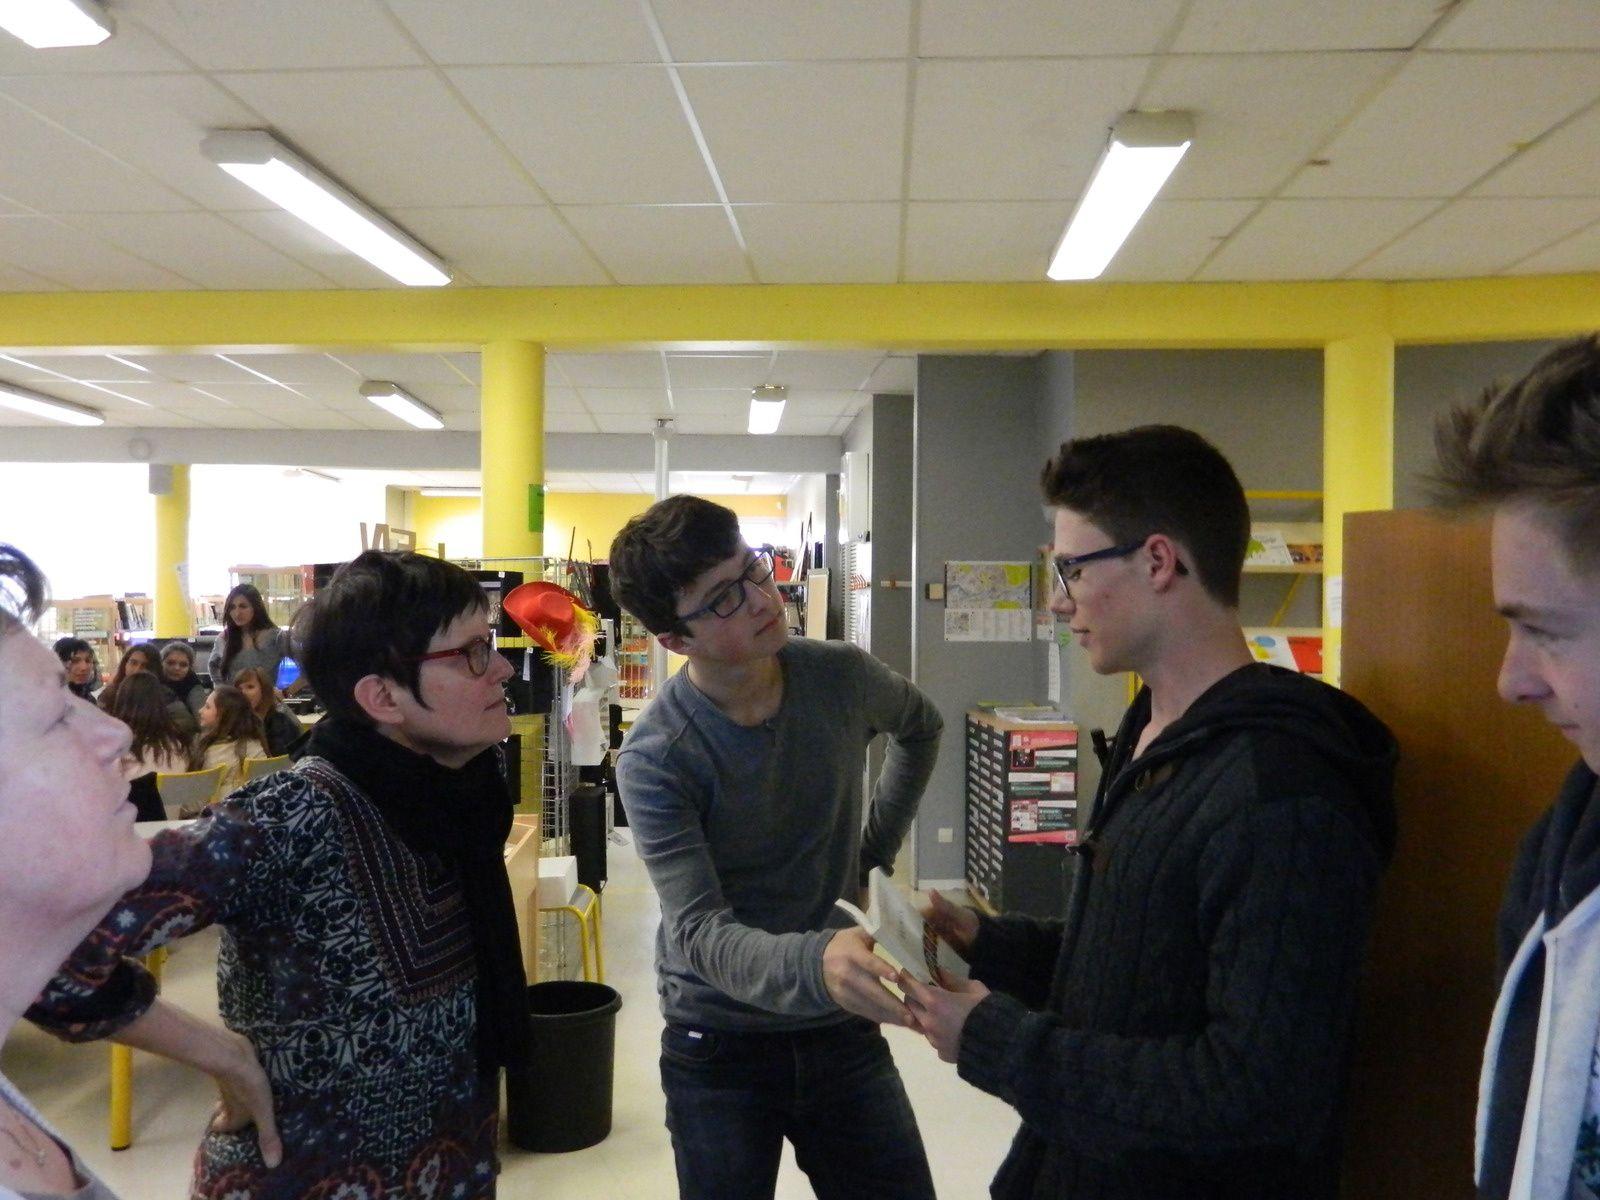 Rencontre Sexe Maine-et-Loire (49) , Trouves Ton Plan Cul Sur Gare Aux Coquines